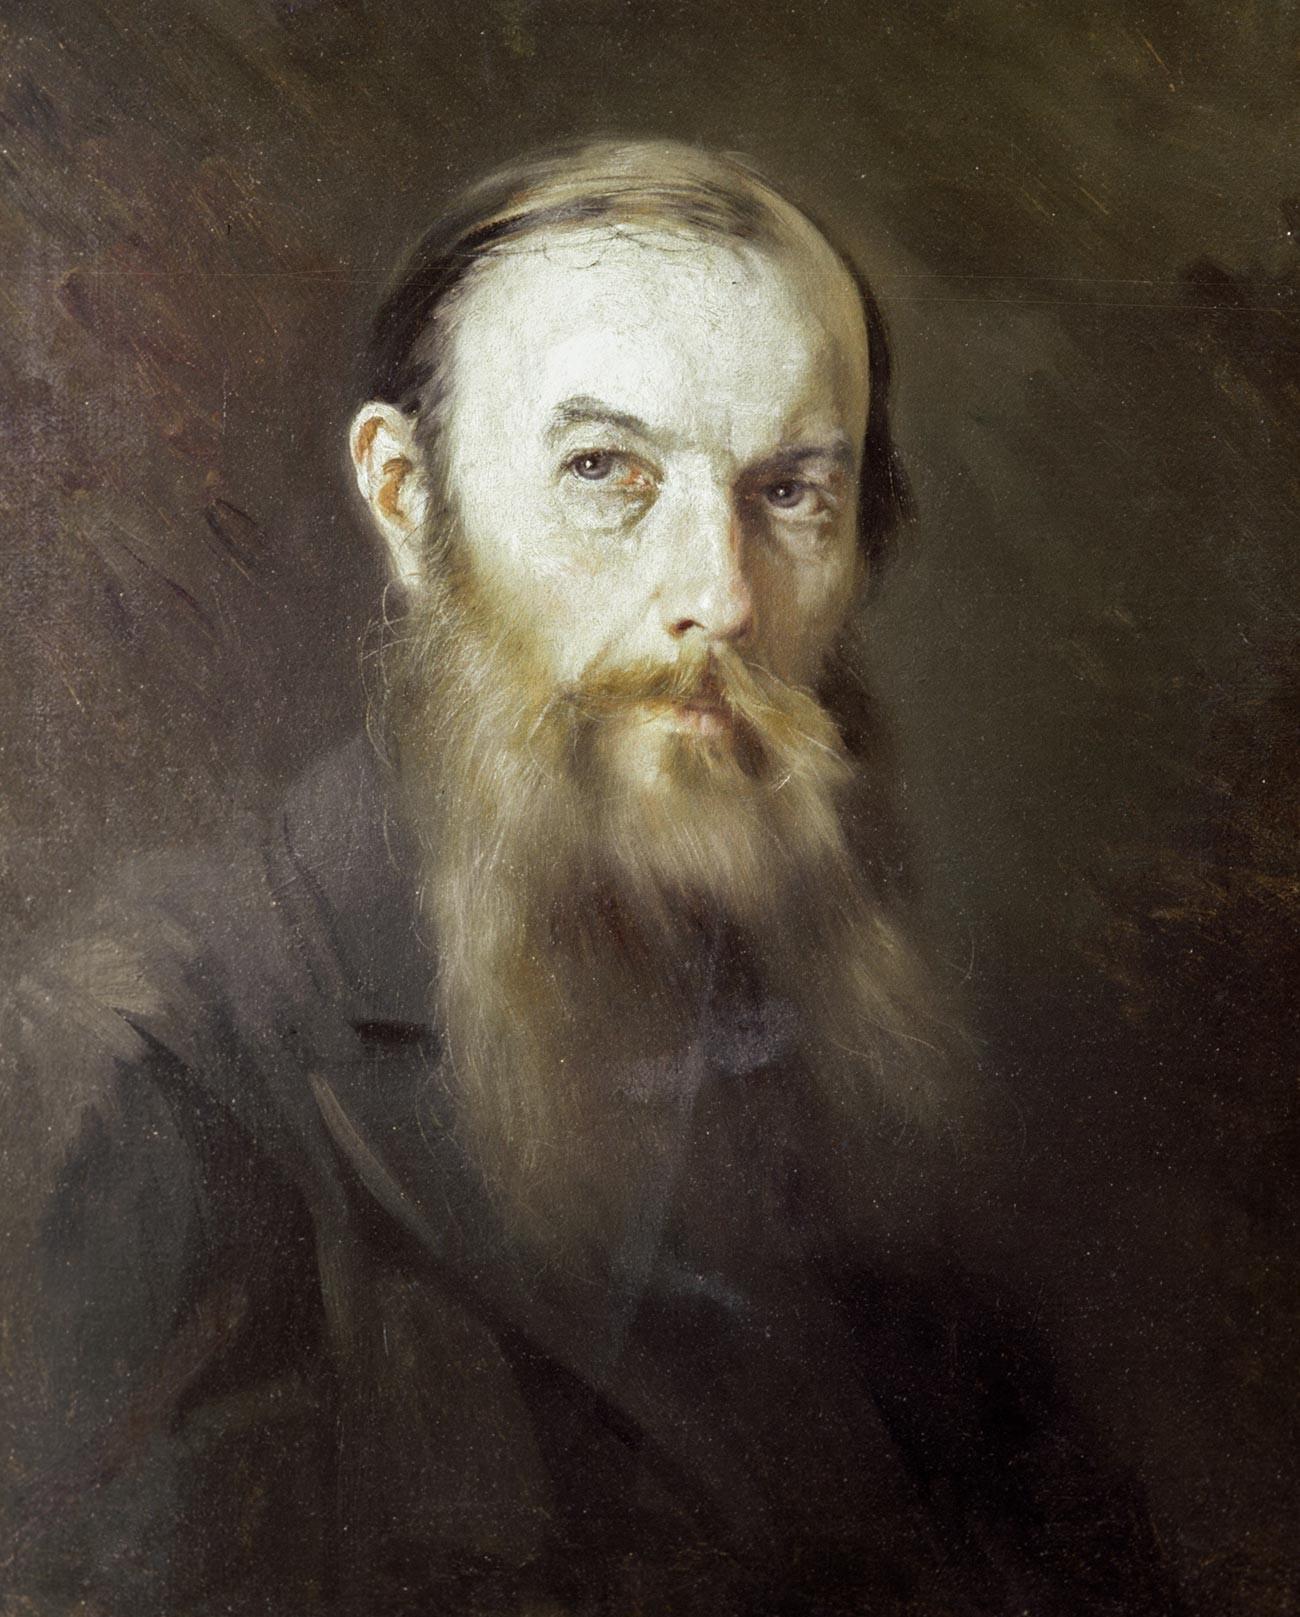 Reproduktion des Porträts von Fjodor Dostojewski von M. Schtscherbatow.